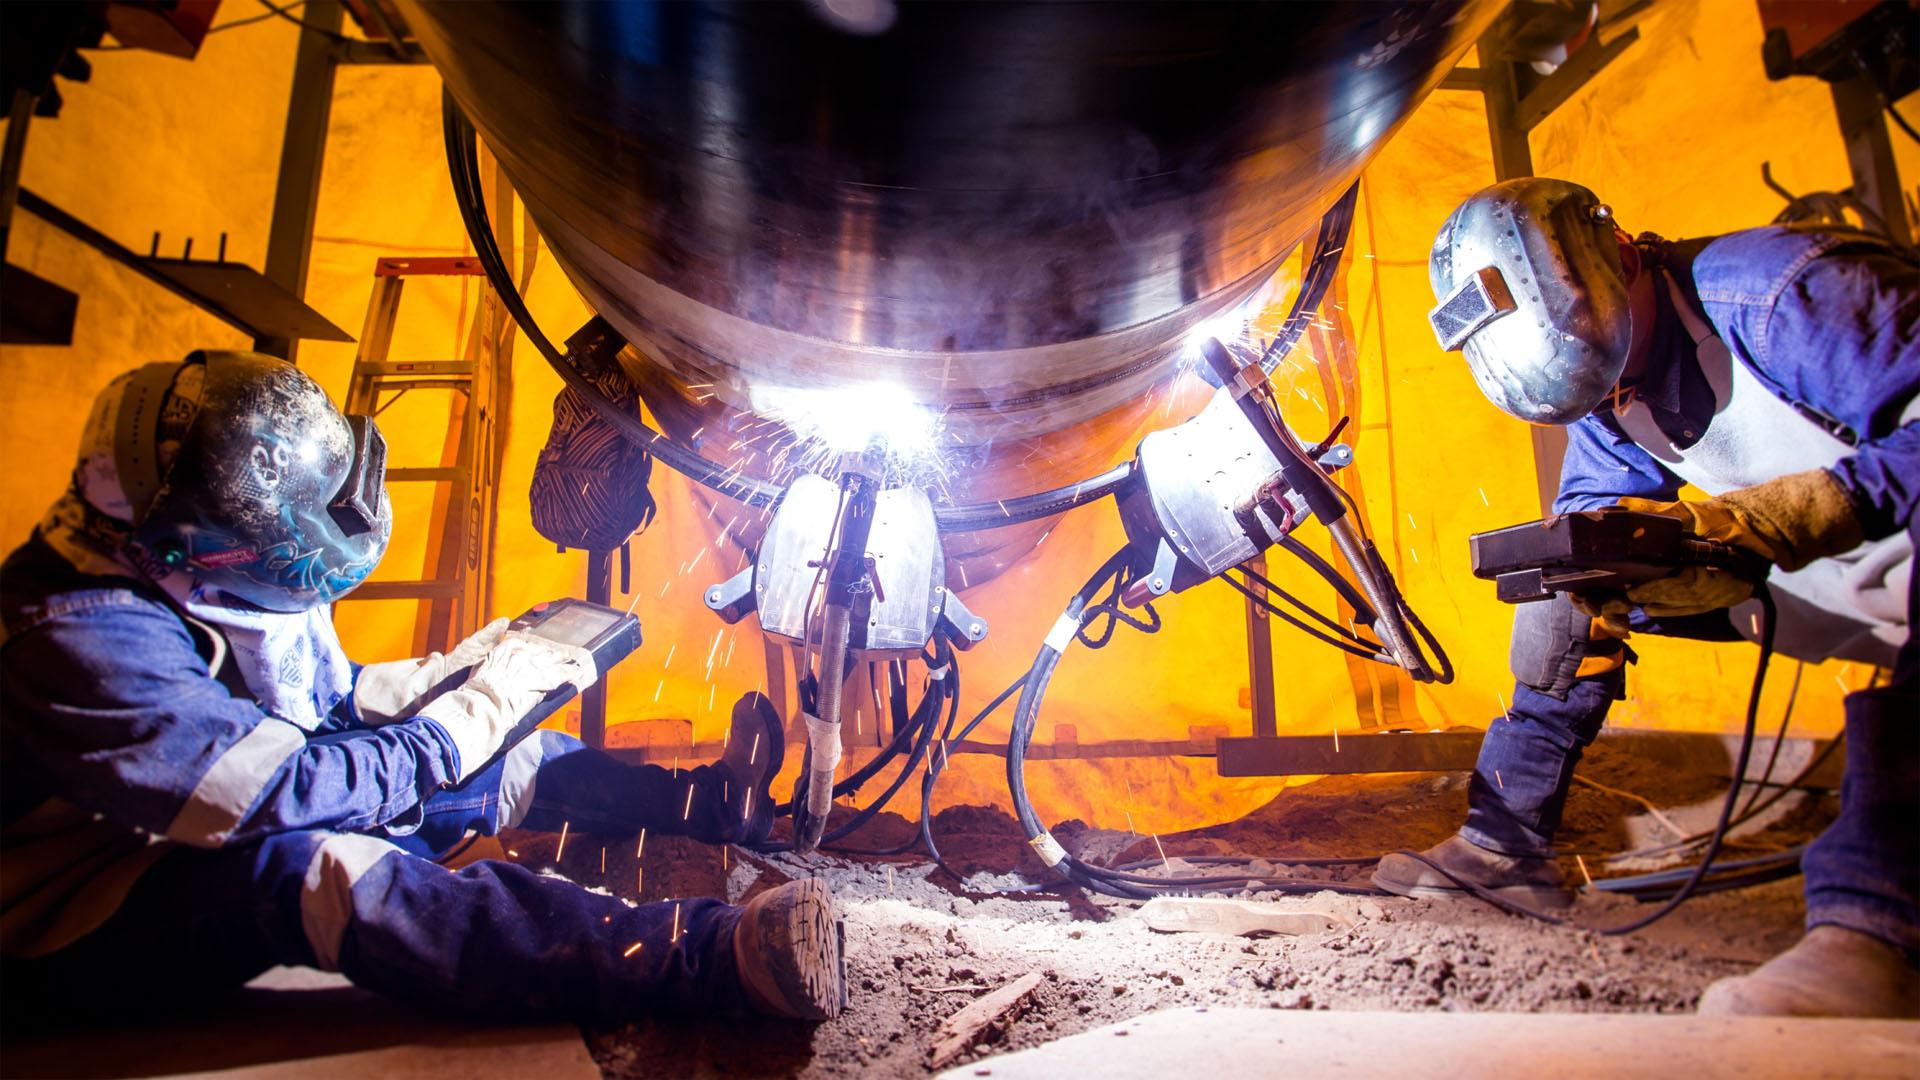 apak-trading-Pipeline-Welding-Equipment